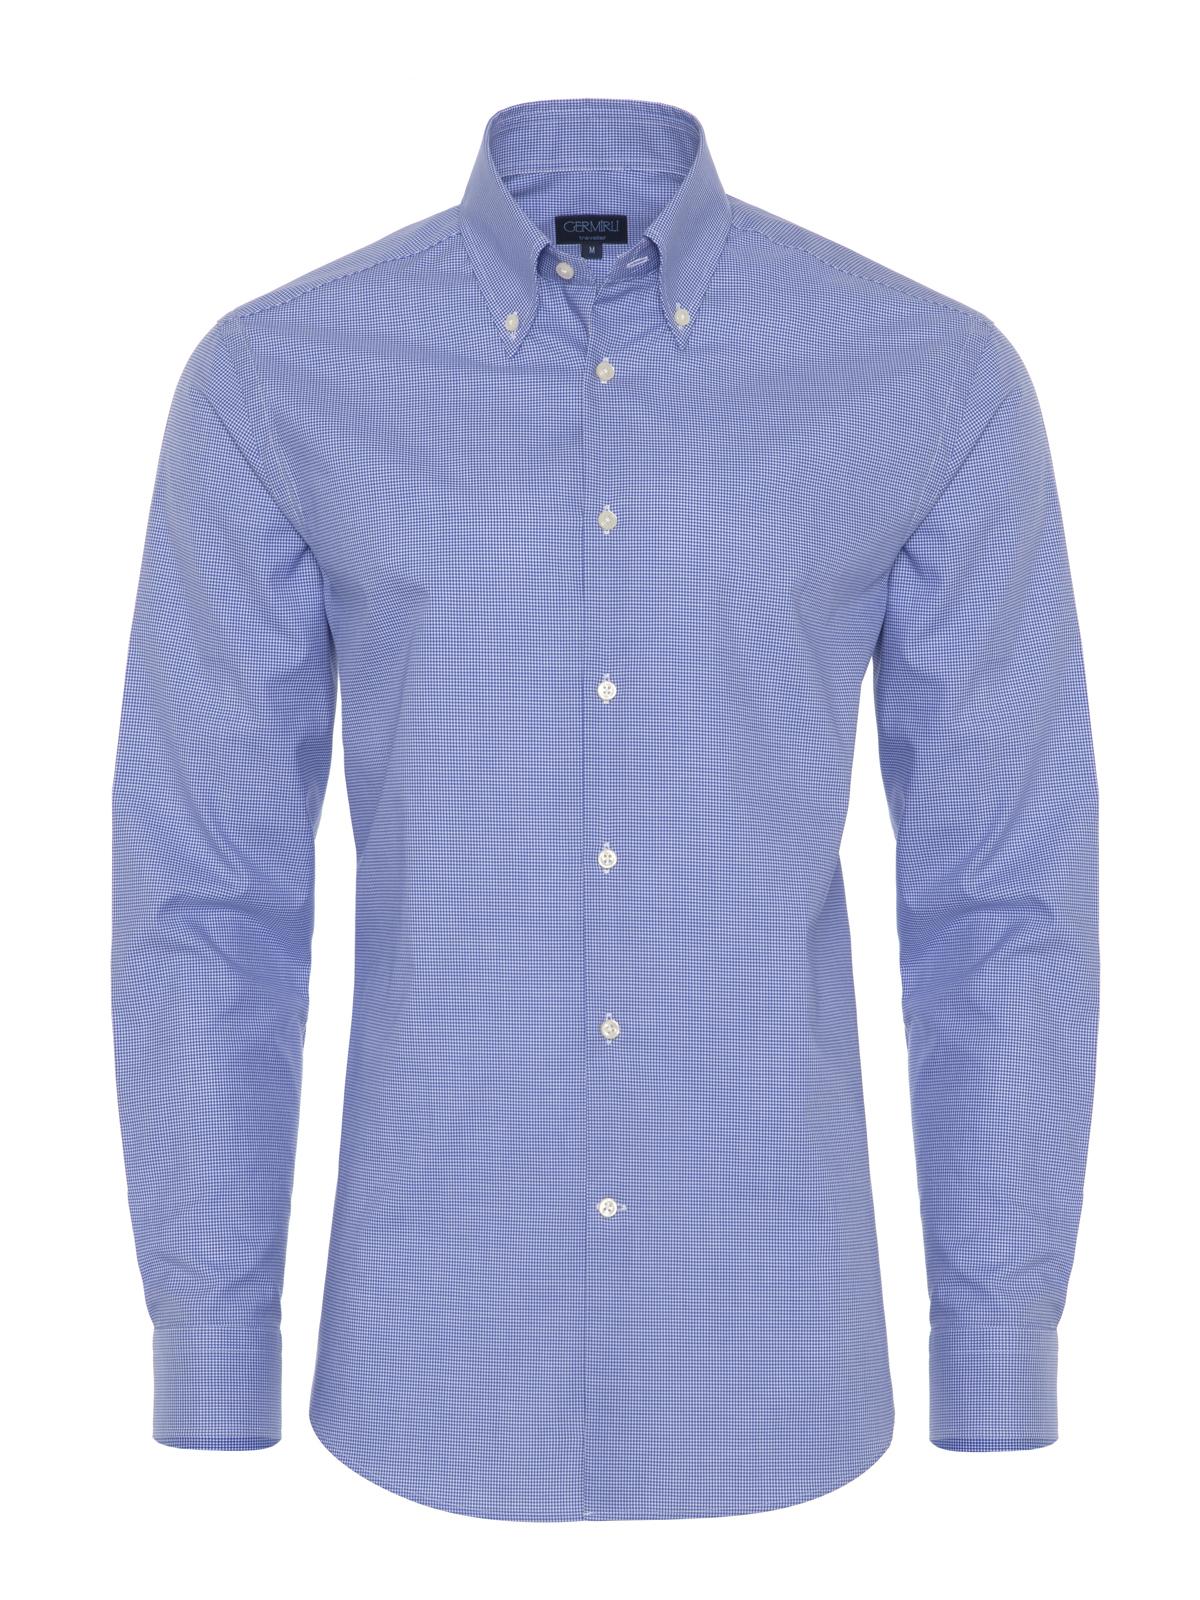 Germirli - Germirli Non Iron Mavi Kareli Düğmeli Yaka Tailor Fit Gömlek